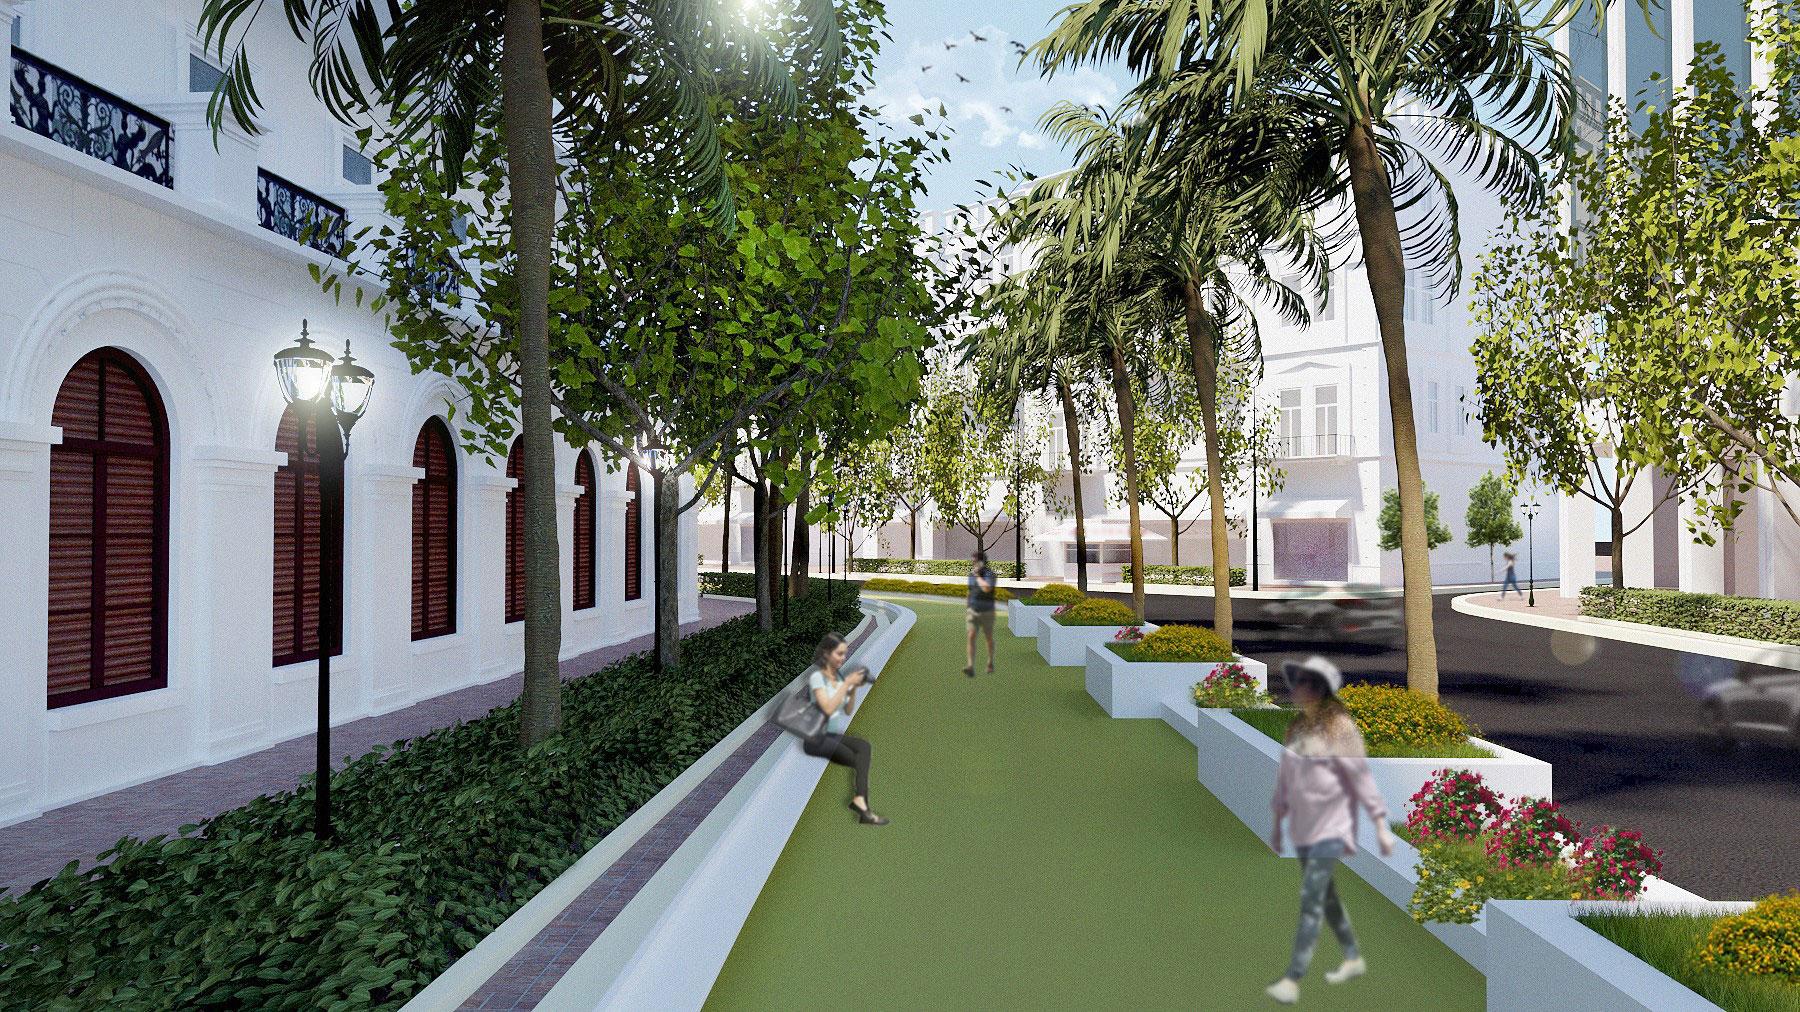 Atina će uskoro promeniti svoj izgled – grandiozni plan rekonstrukcije grčke prestonice